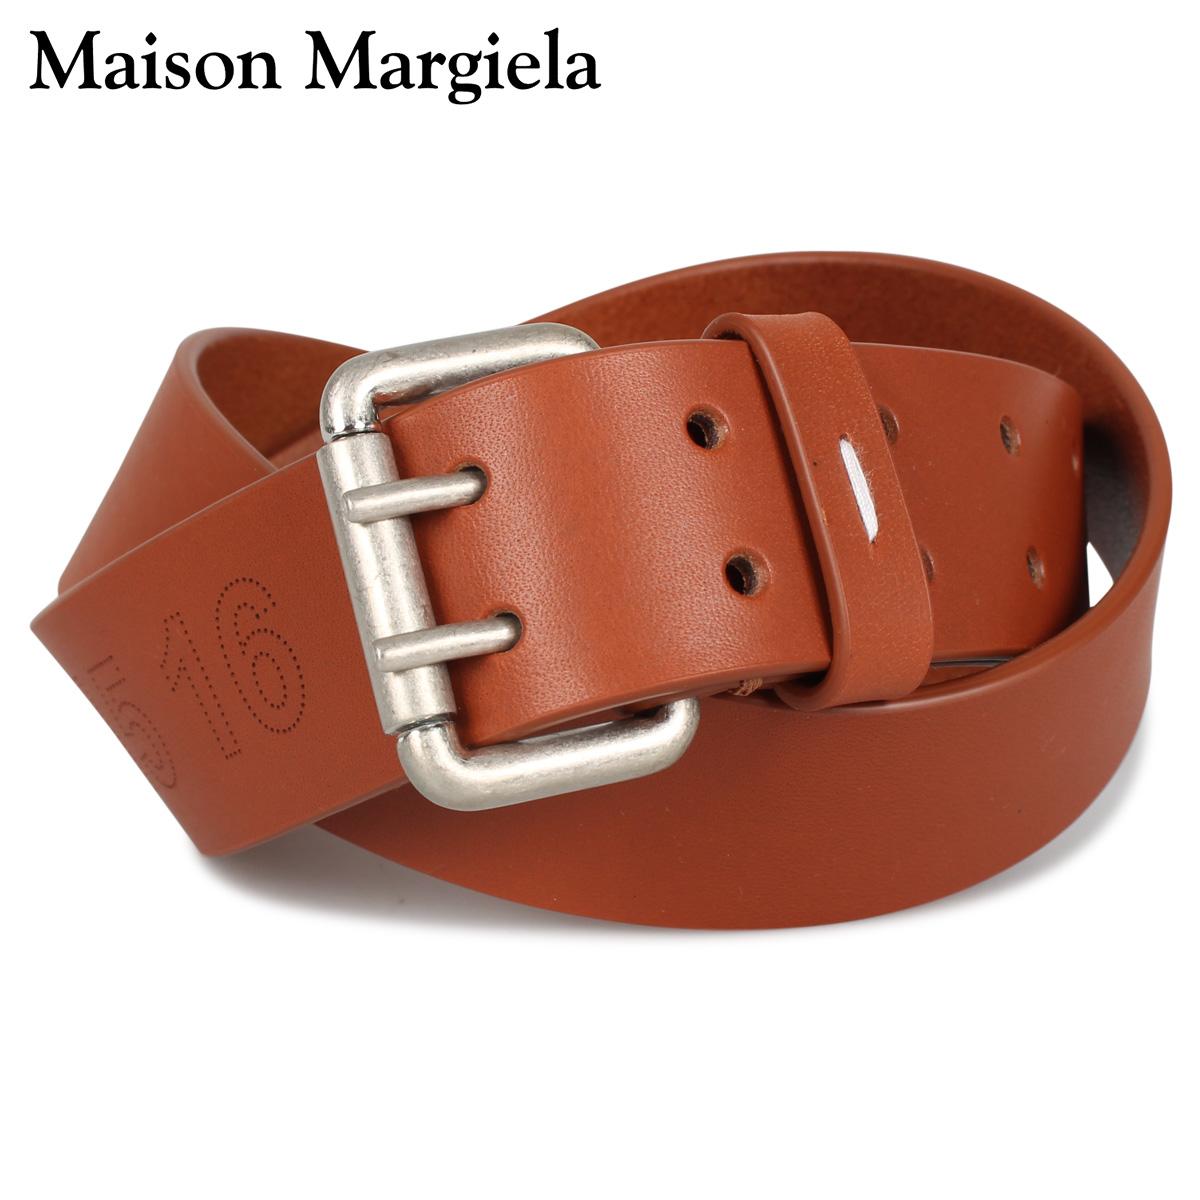 MAISON MARGIELA メゾンマルジェラ ベルト レザーベルト メンズ レディース BELT ブラウン S55TP0119 [4/15 新入荷]